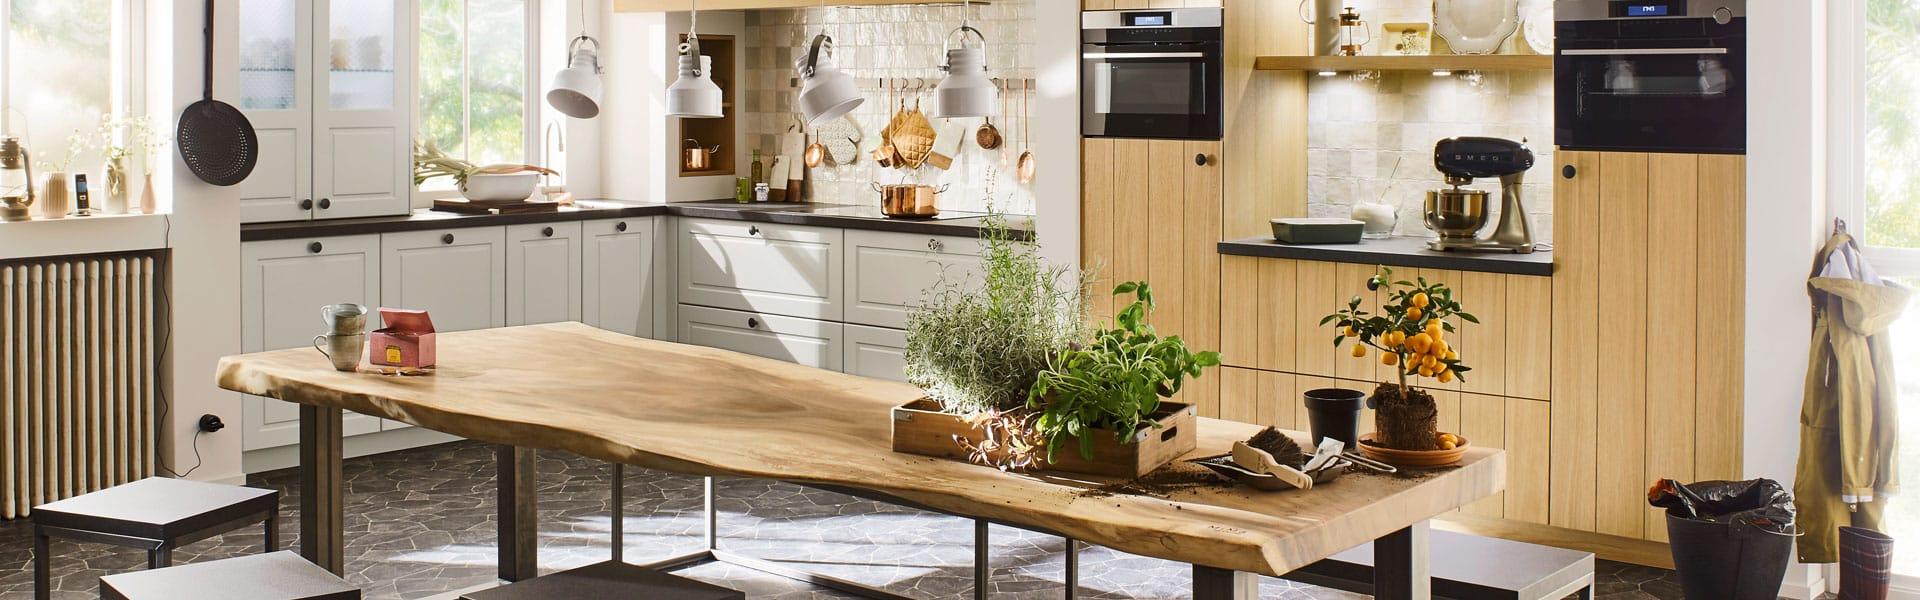 Landelijke keukens hout en voorbeelden